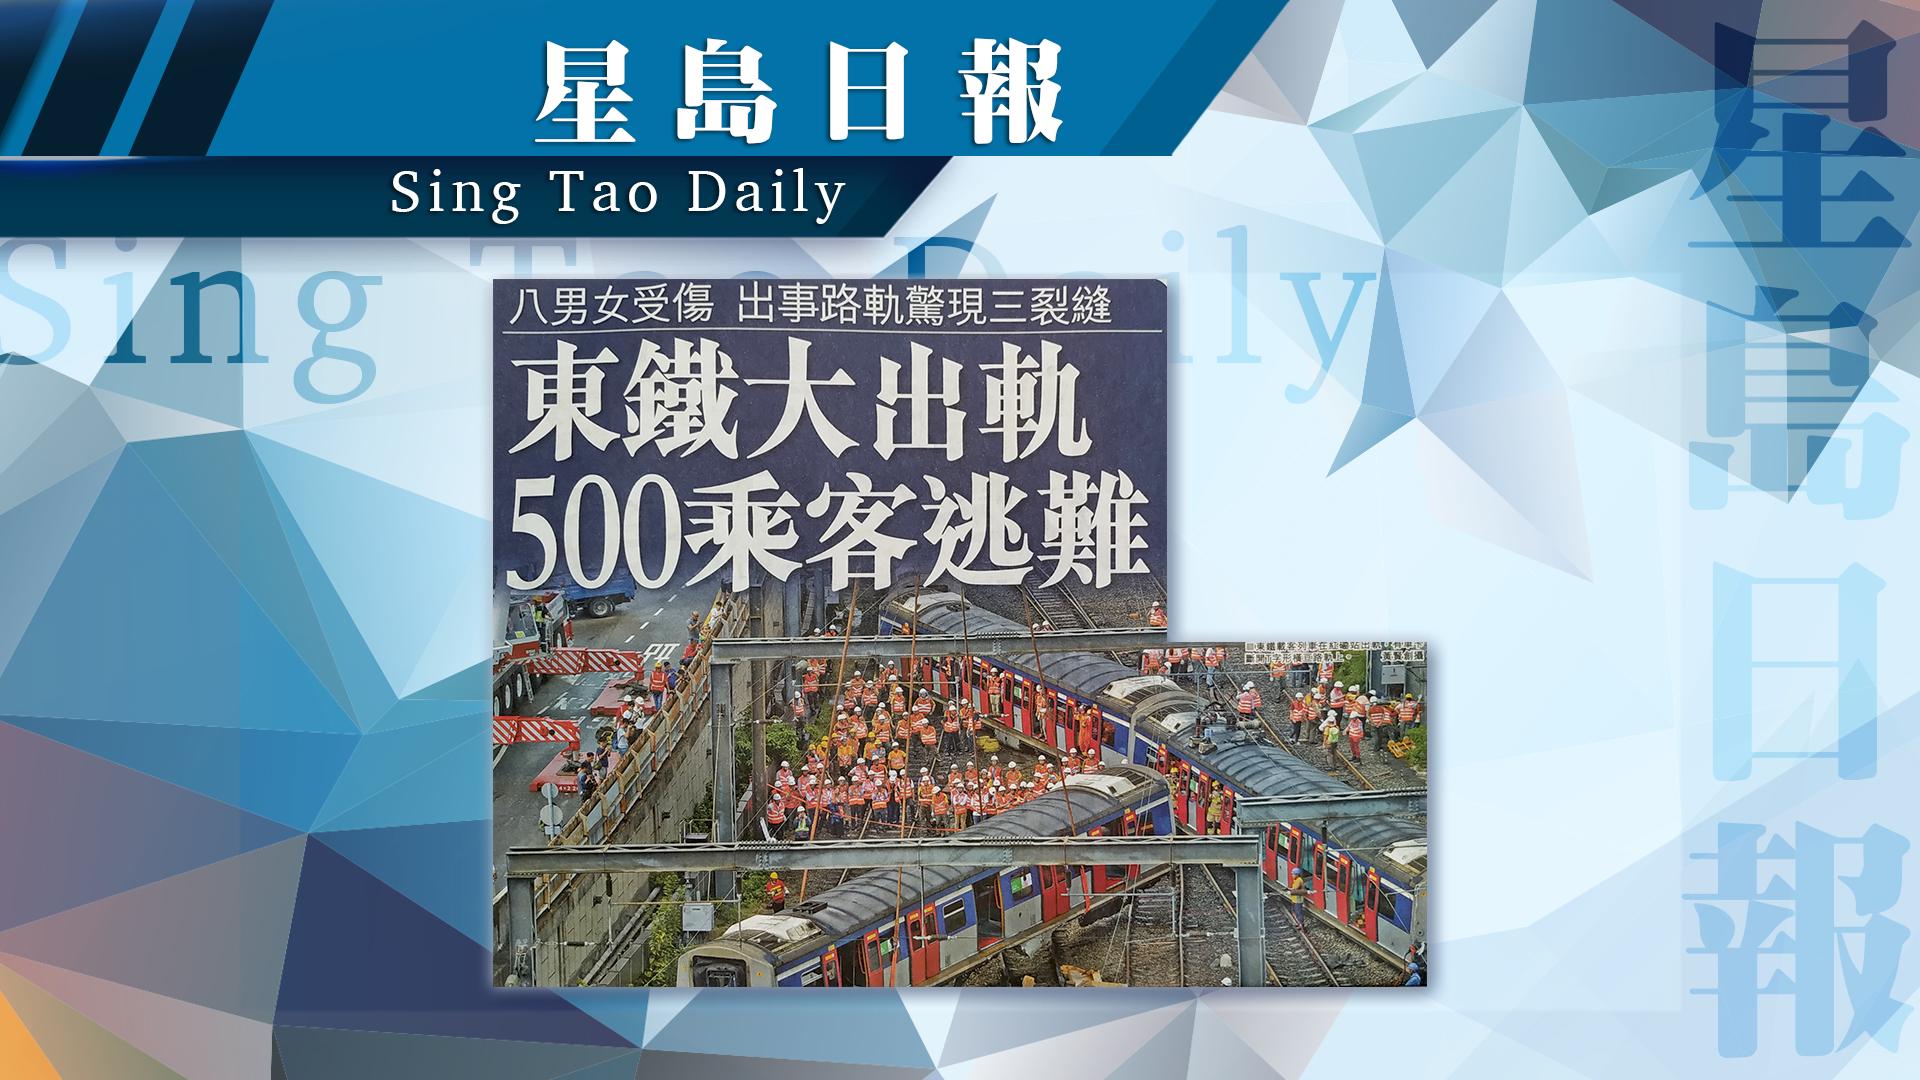 【報章A1速覽】東鐵斷腰出軌 路軌3處見裂;東鐵大出軌 500乘客逃難